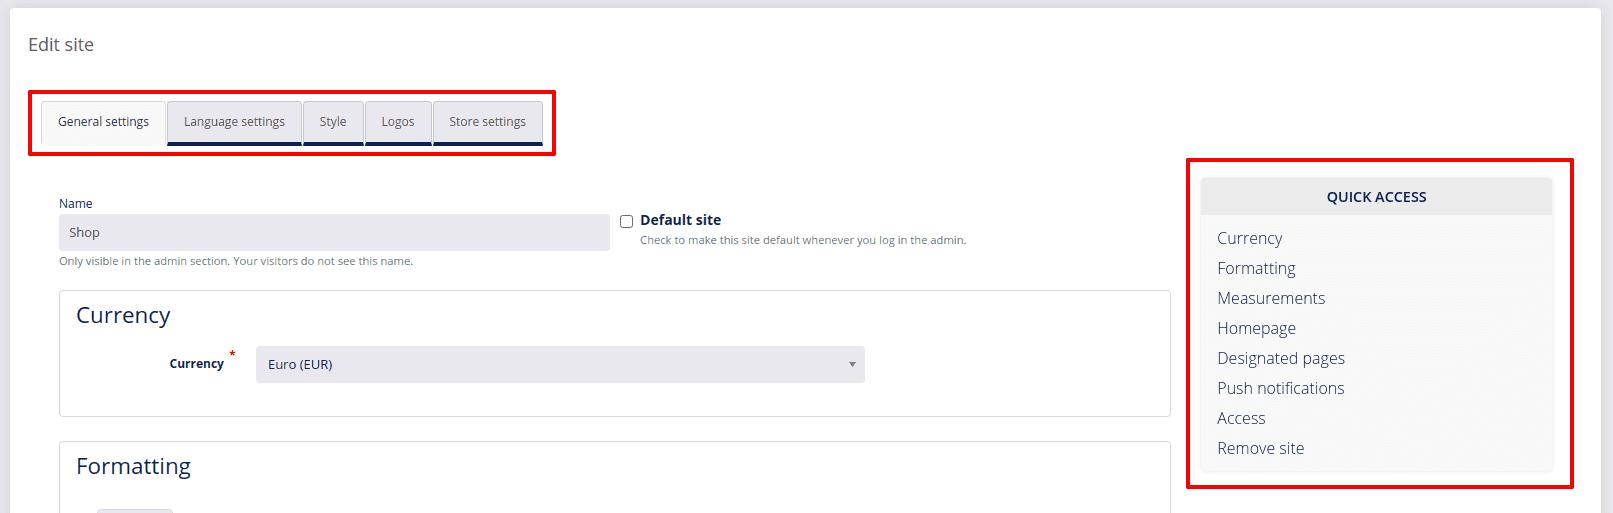 site settings